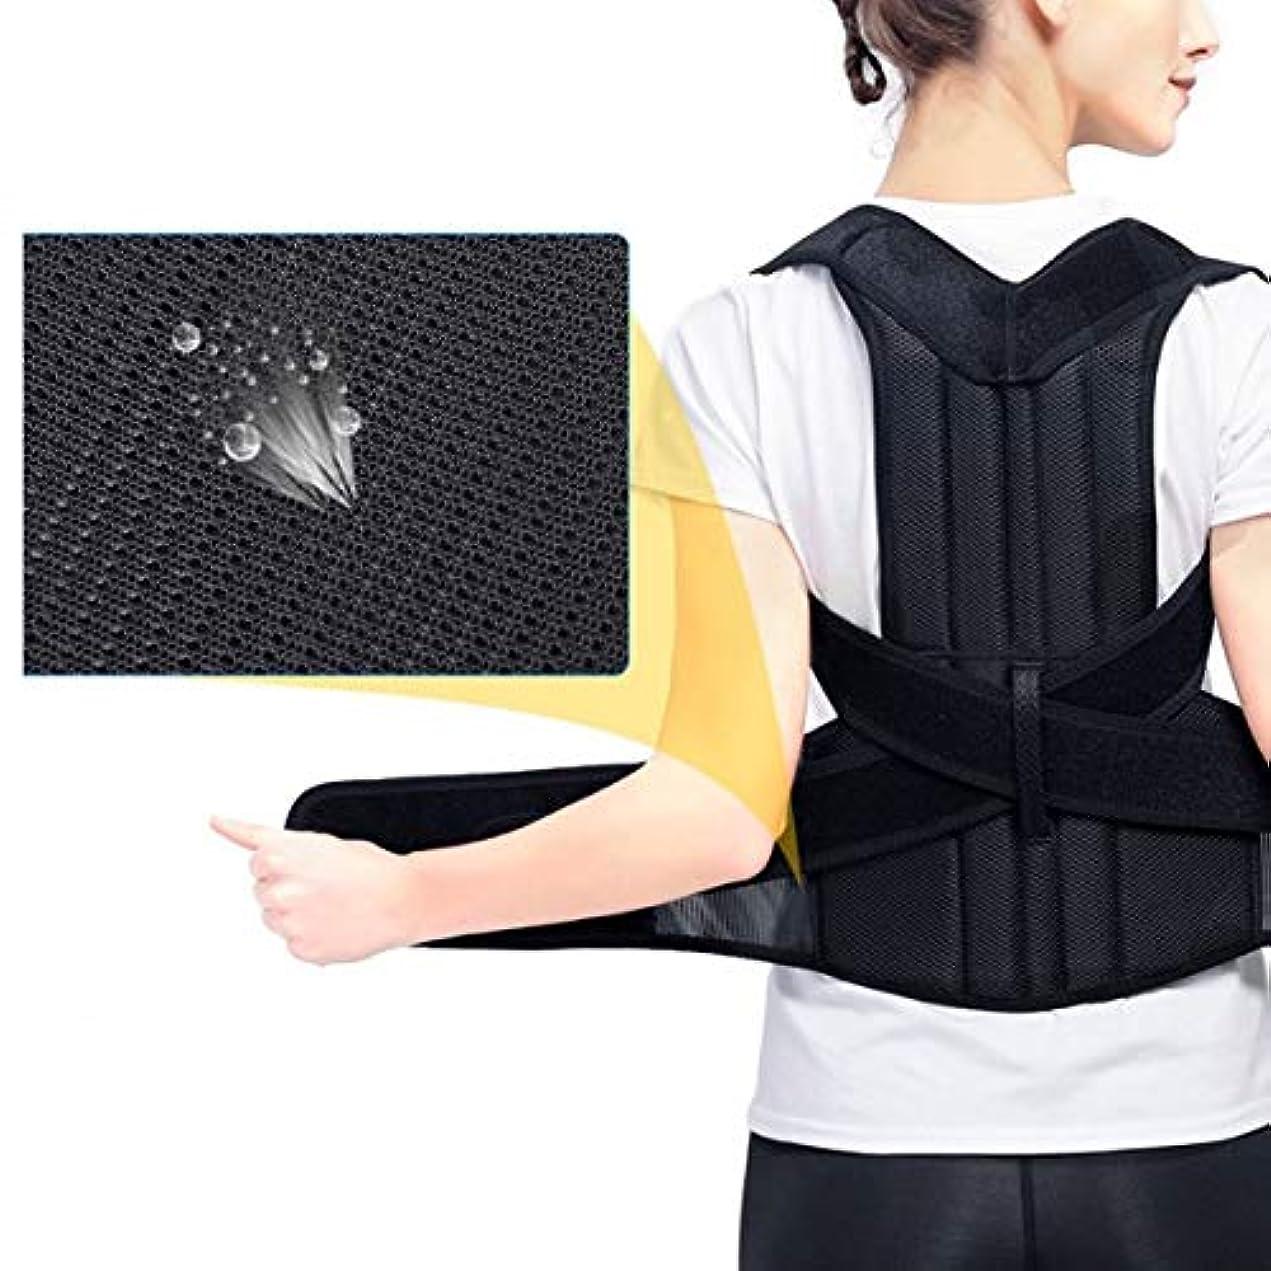 控えめな七面鳥無視腰椎矯正バックブレース背骨装具側弯症腰椎サポート脊椎湾曲装具固定用姿勢 - 黒